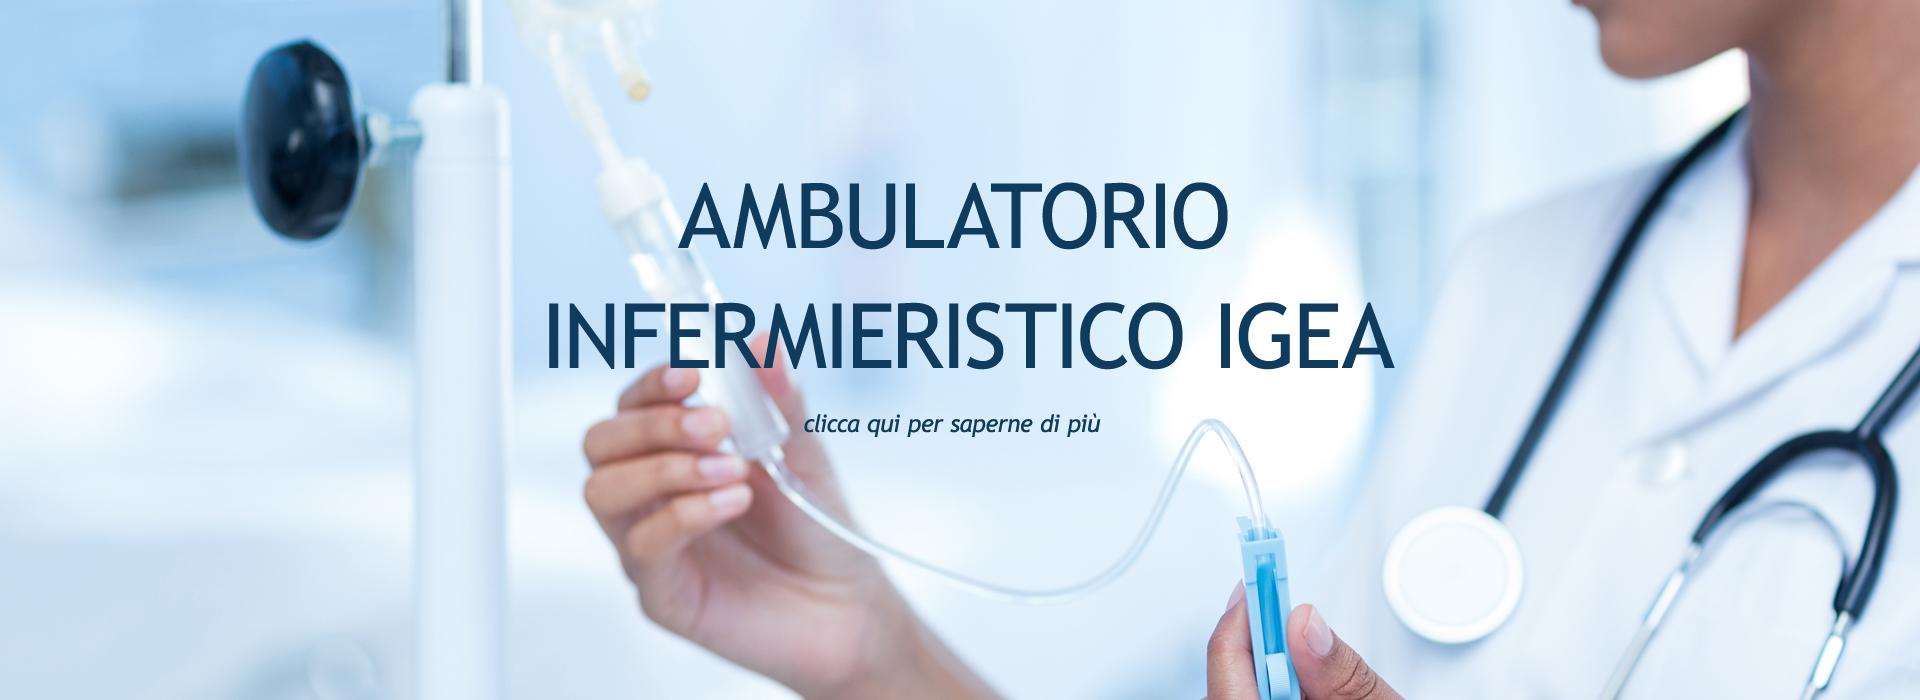 slider-ambulatorio-infermie